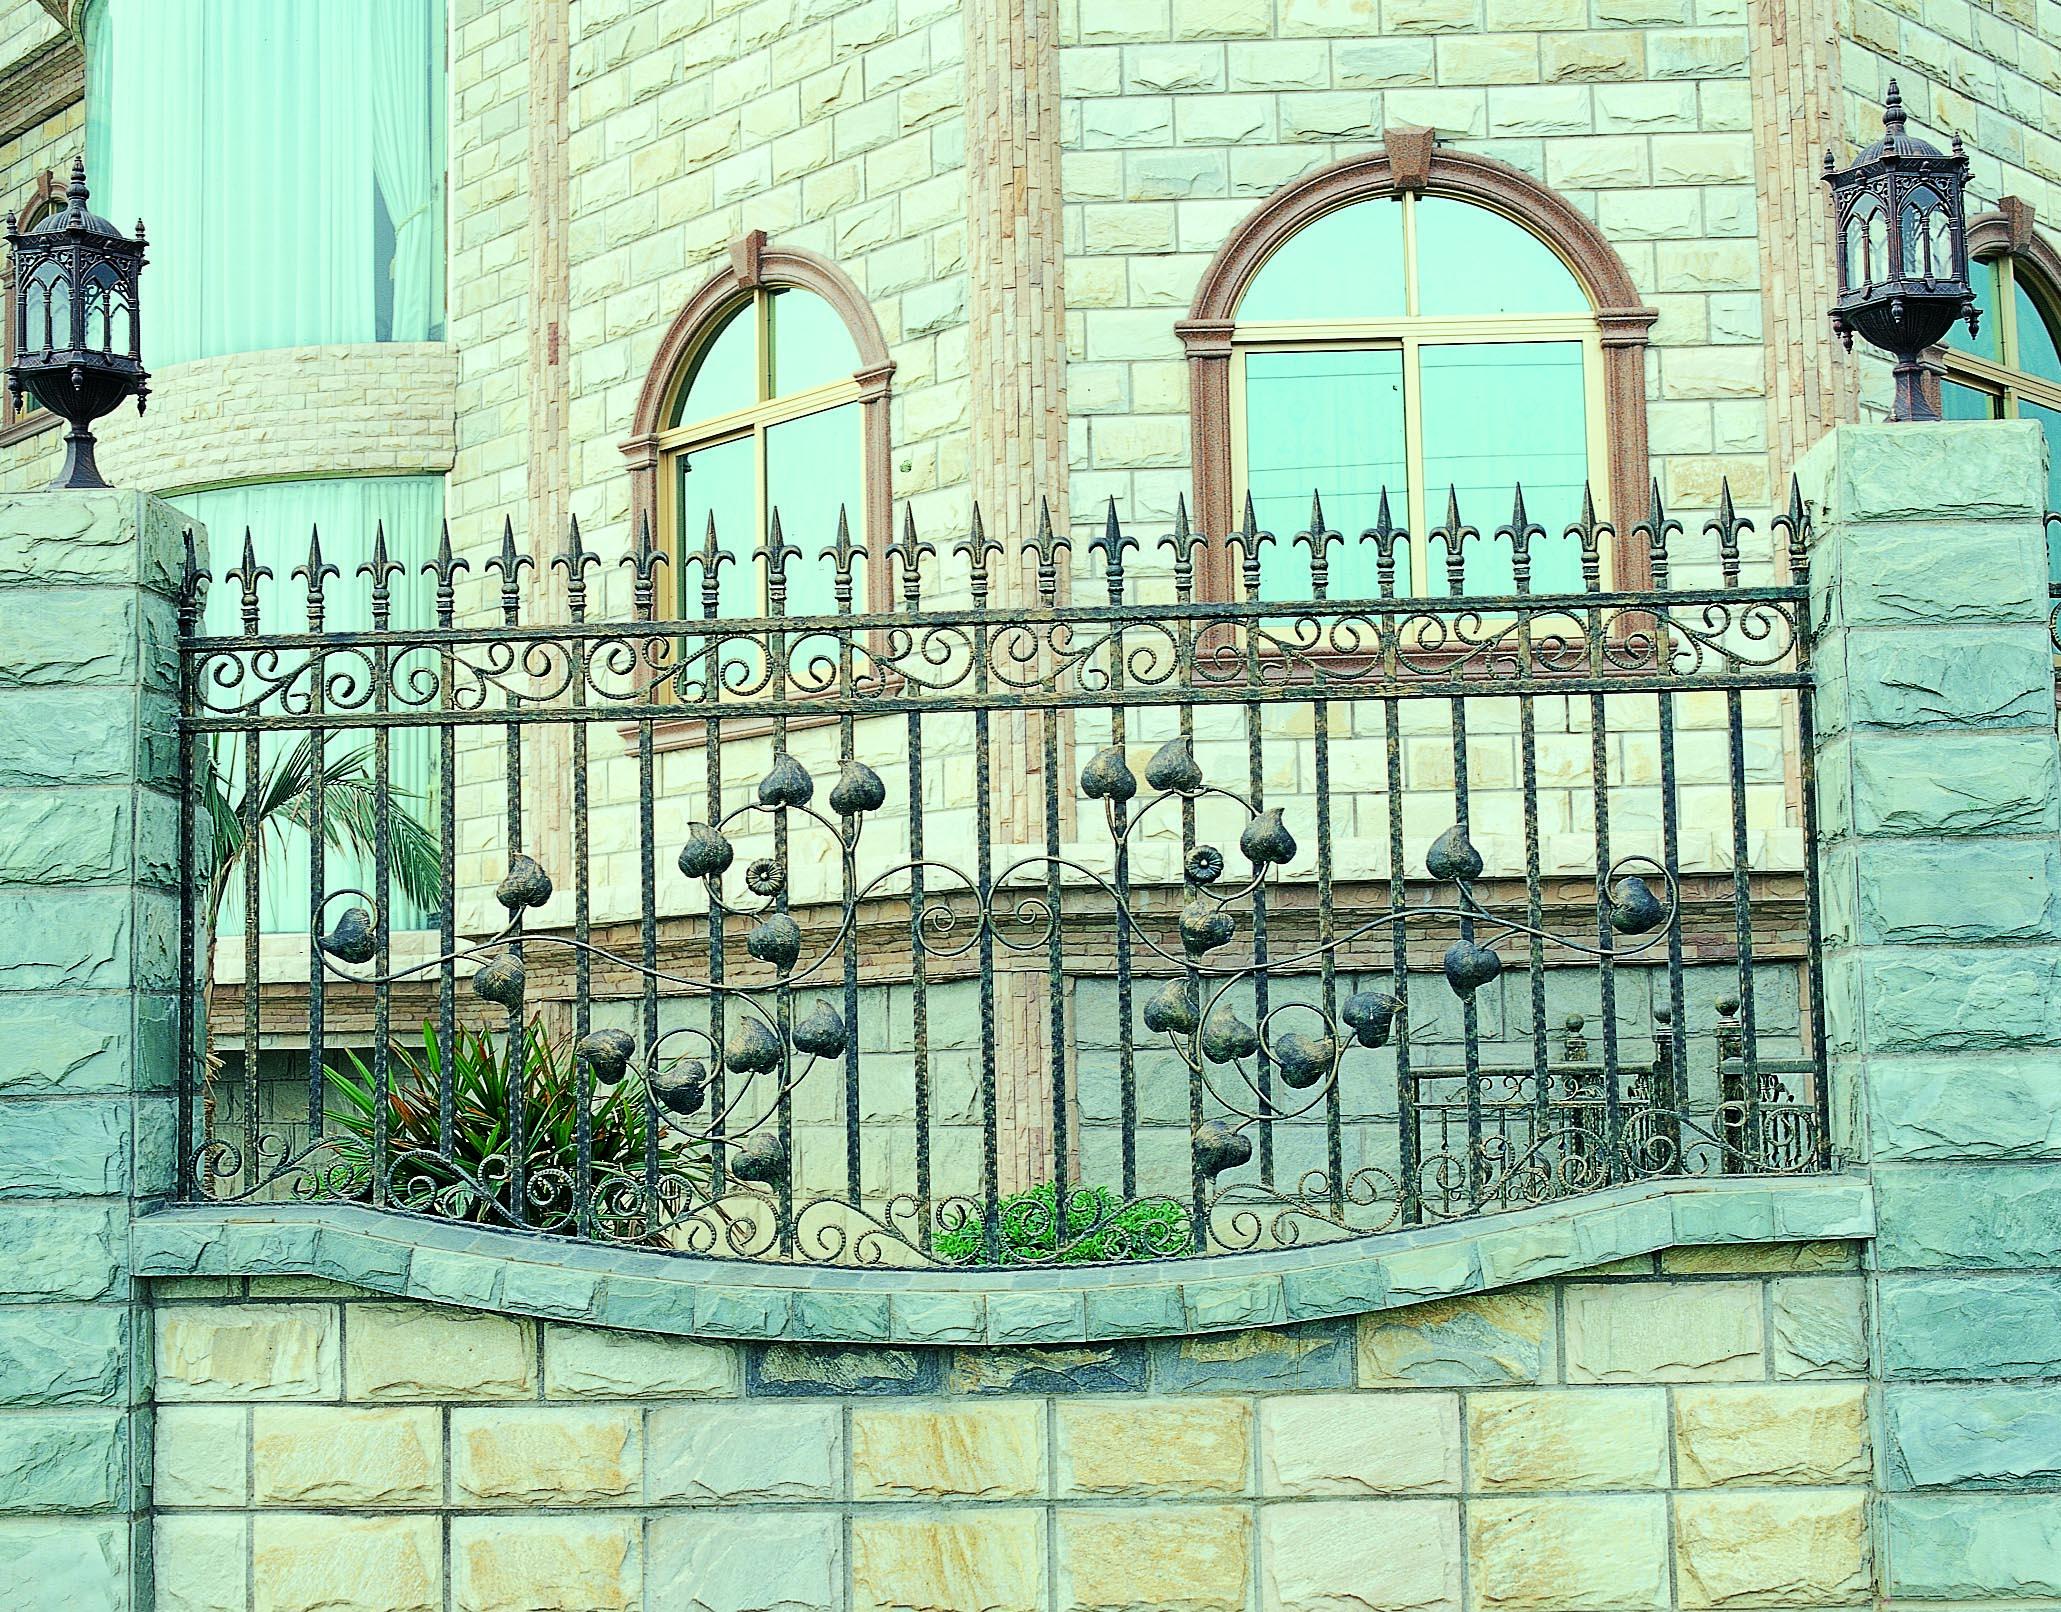 铁艺外围栏护栏欧式铁艺栏杆 手工锻造欧式铁艺外围栏